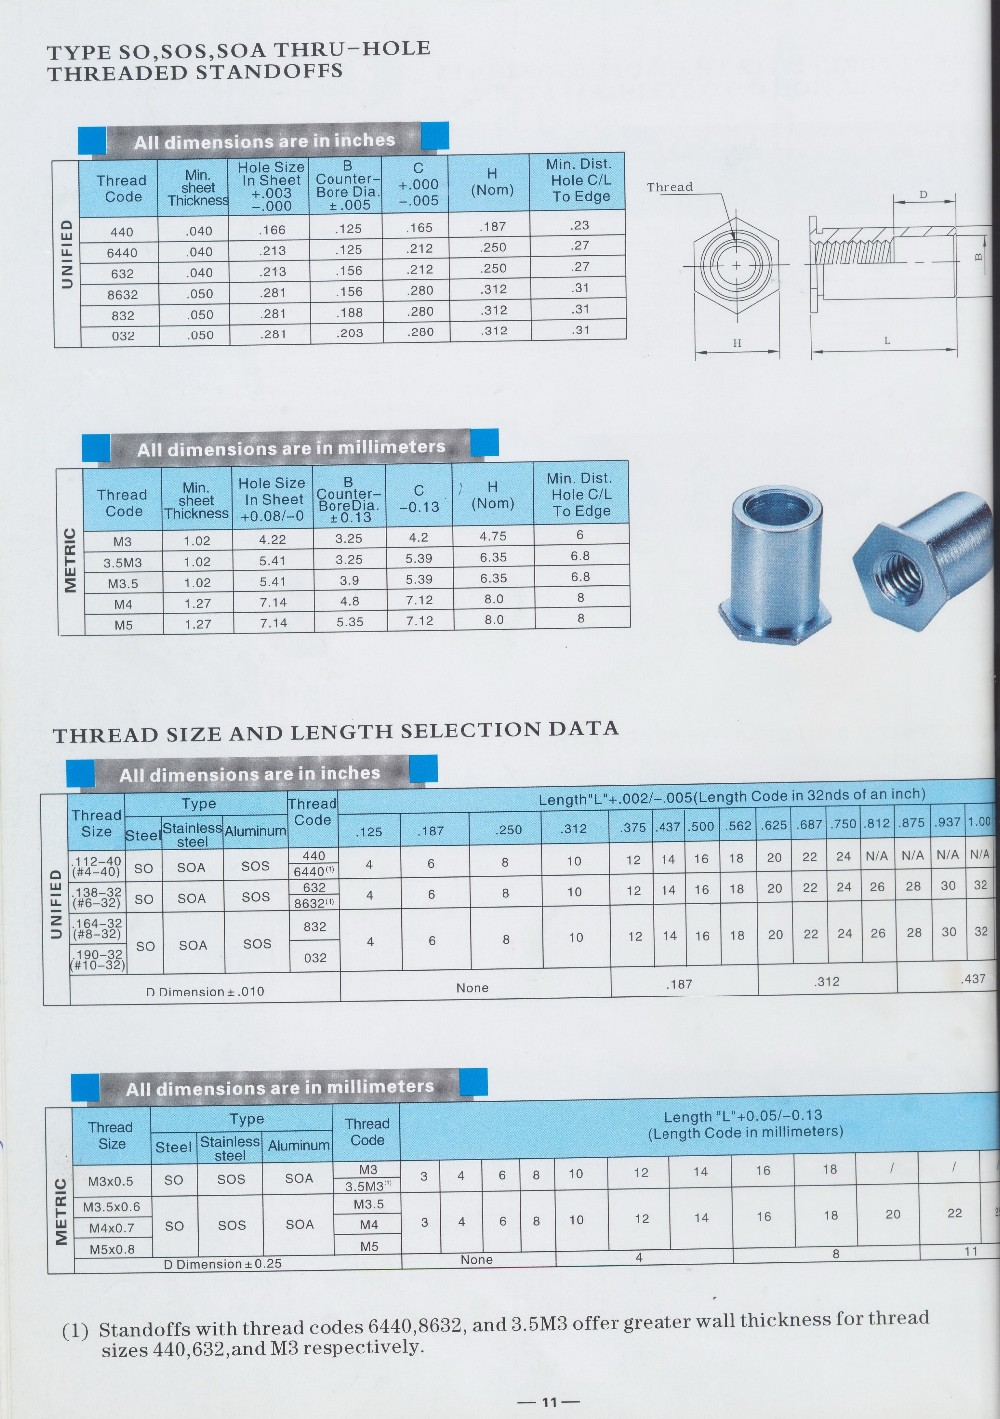 SOS-M4-16, резьбовые стойки, нержавеющая сталь, природа, PEM стандарт, сделано в Китае